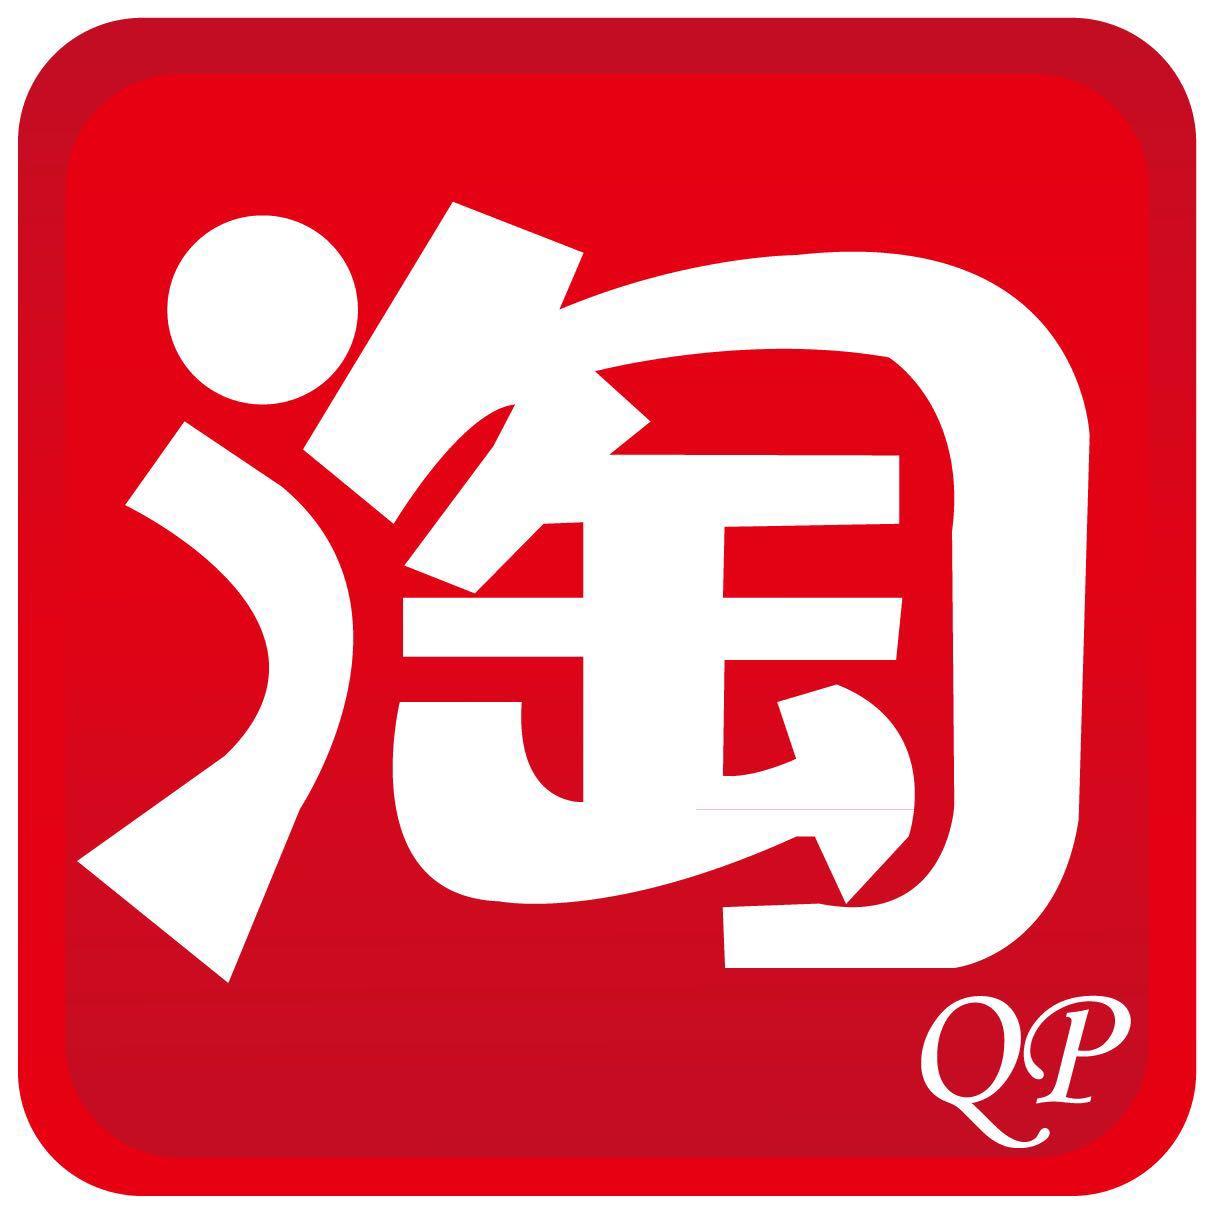 电影胶带logo素材